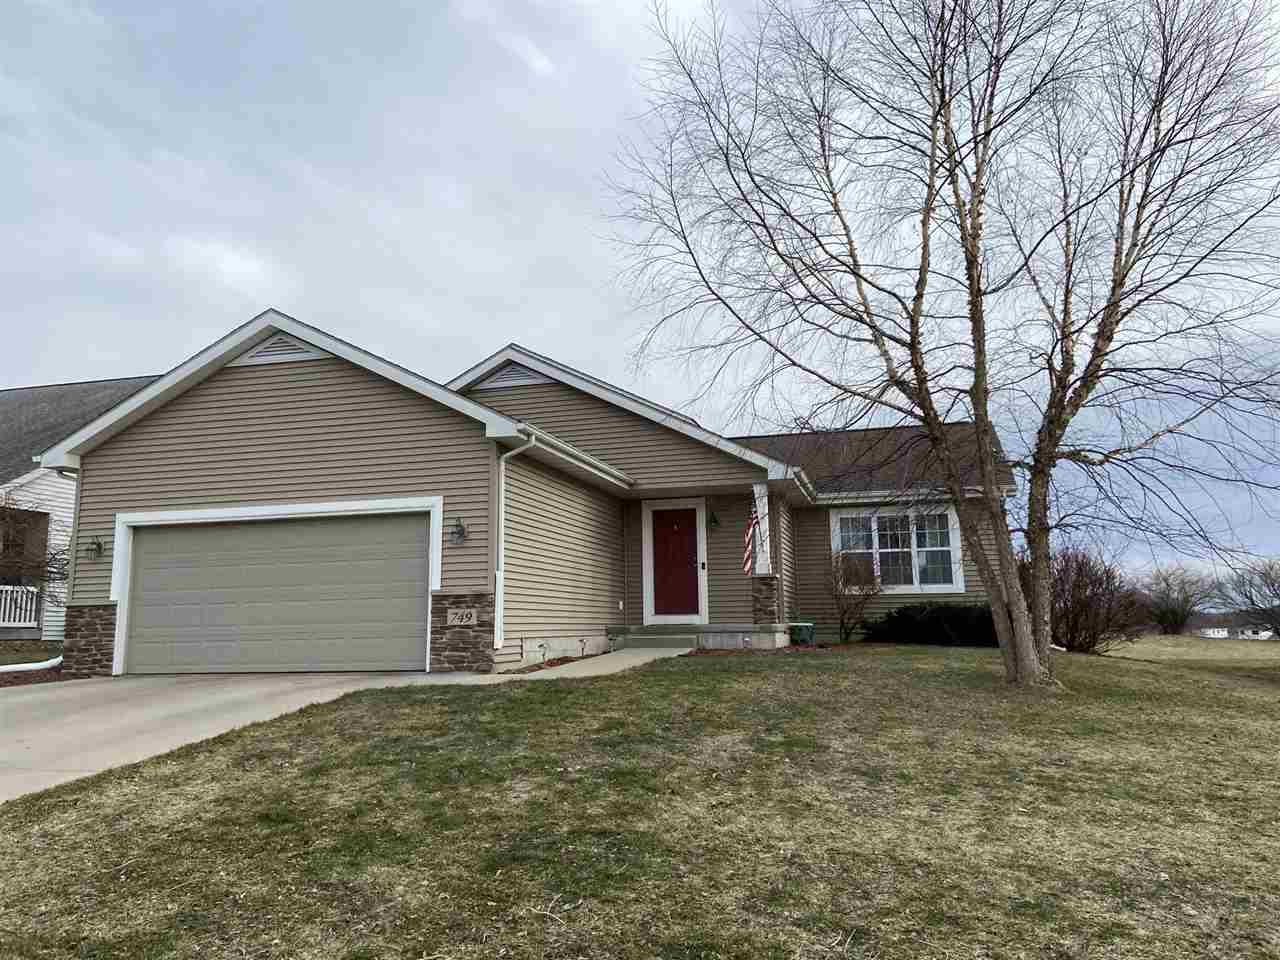 749 Fairview Terr, Verona, Wisconsin 53593, 4 Bedrooms Bedrooms, ,3 BathroomsBathrooms,Single Family,For Sale,749 Fairview Terr,1904284